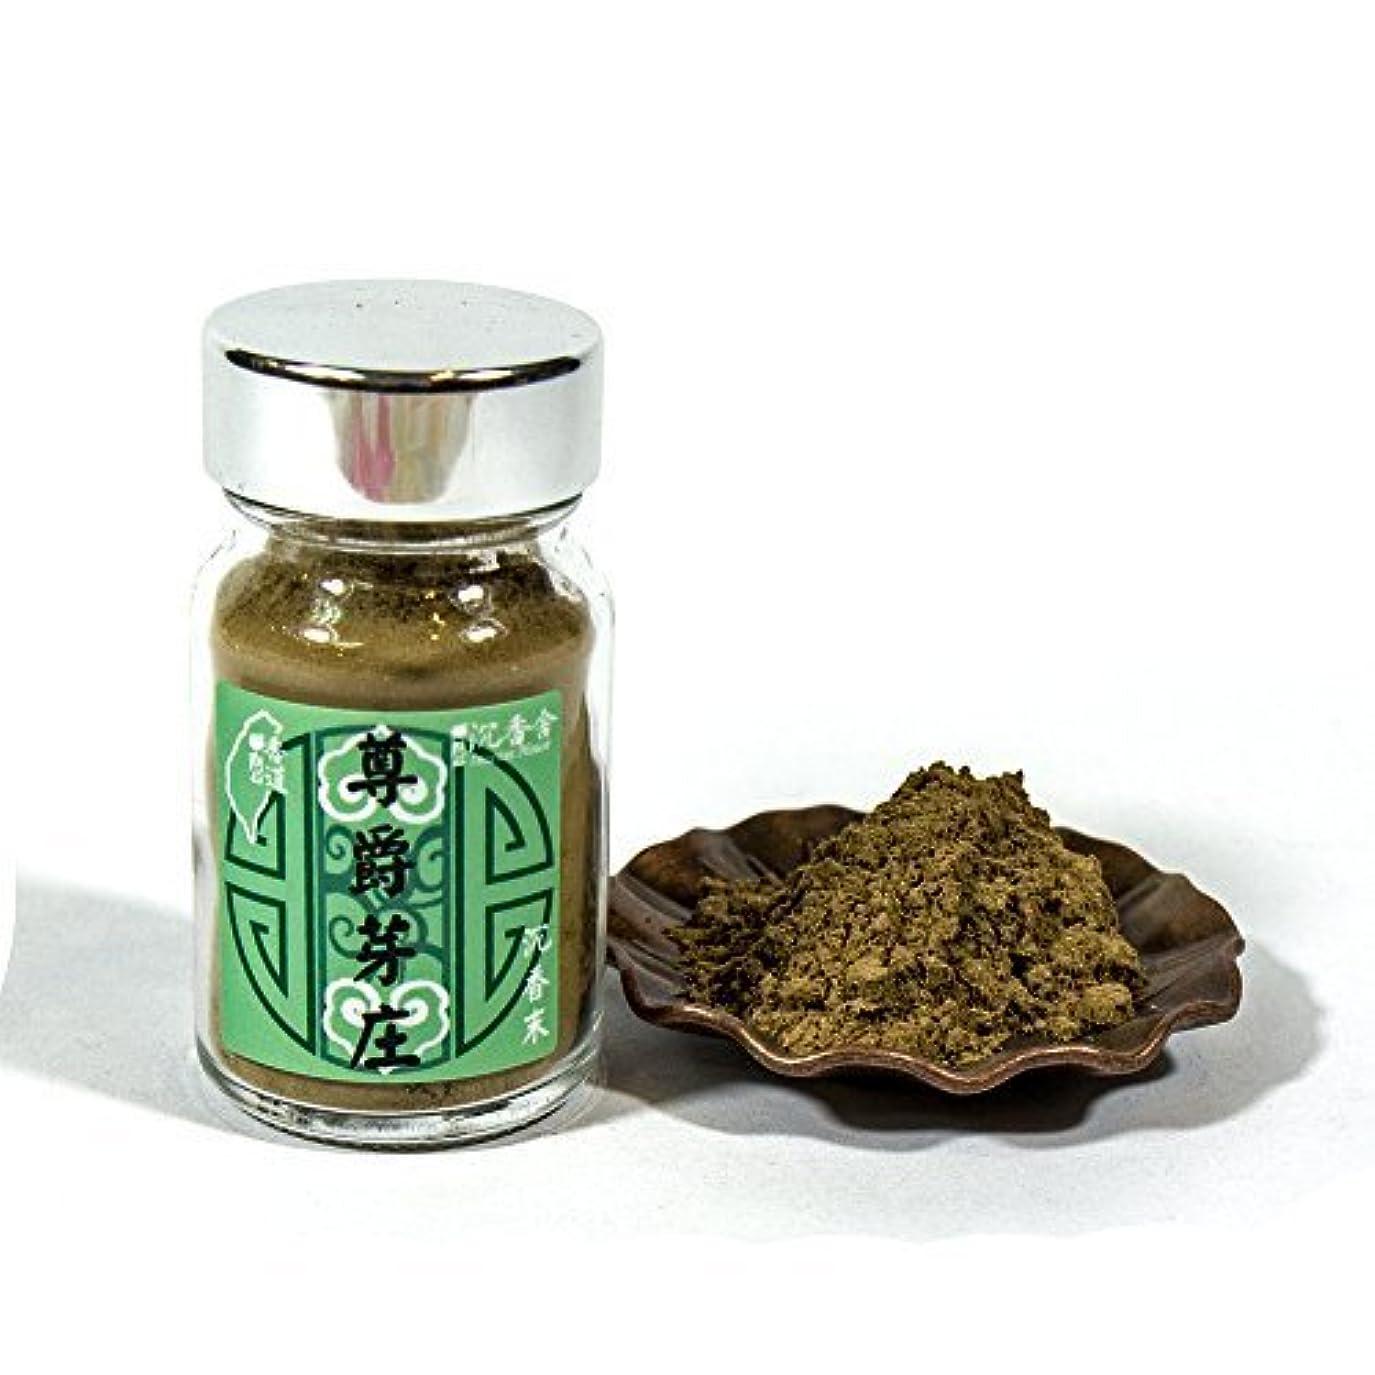 ペニー感情穿孔するAgarwood Aloeswood Top Grade Old Stock NhaTrang Chen Xiang Incense Powder 10g by IncenseHouse - Raw Material [並行輸入品]